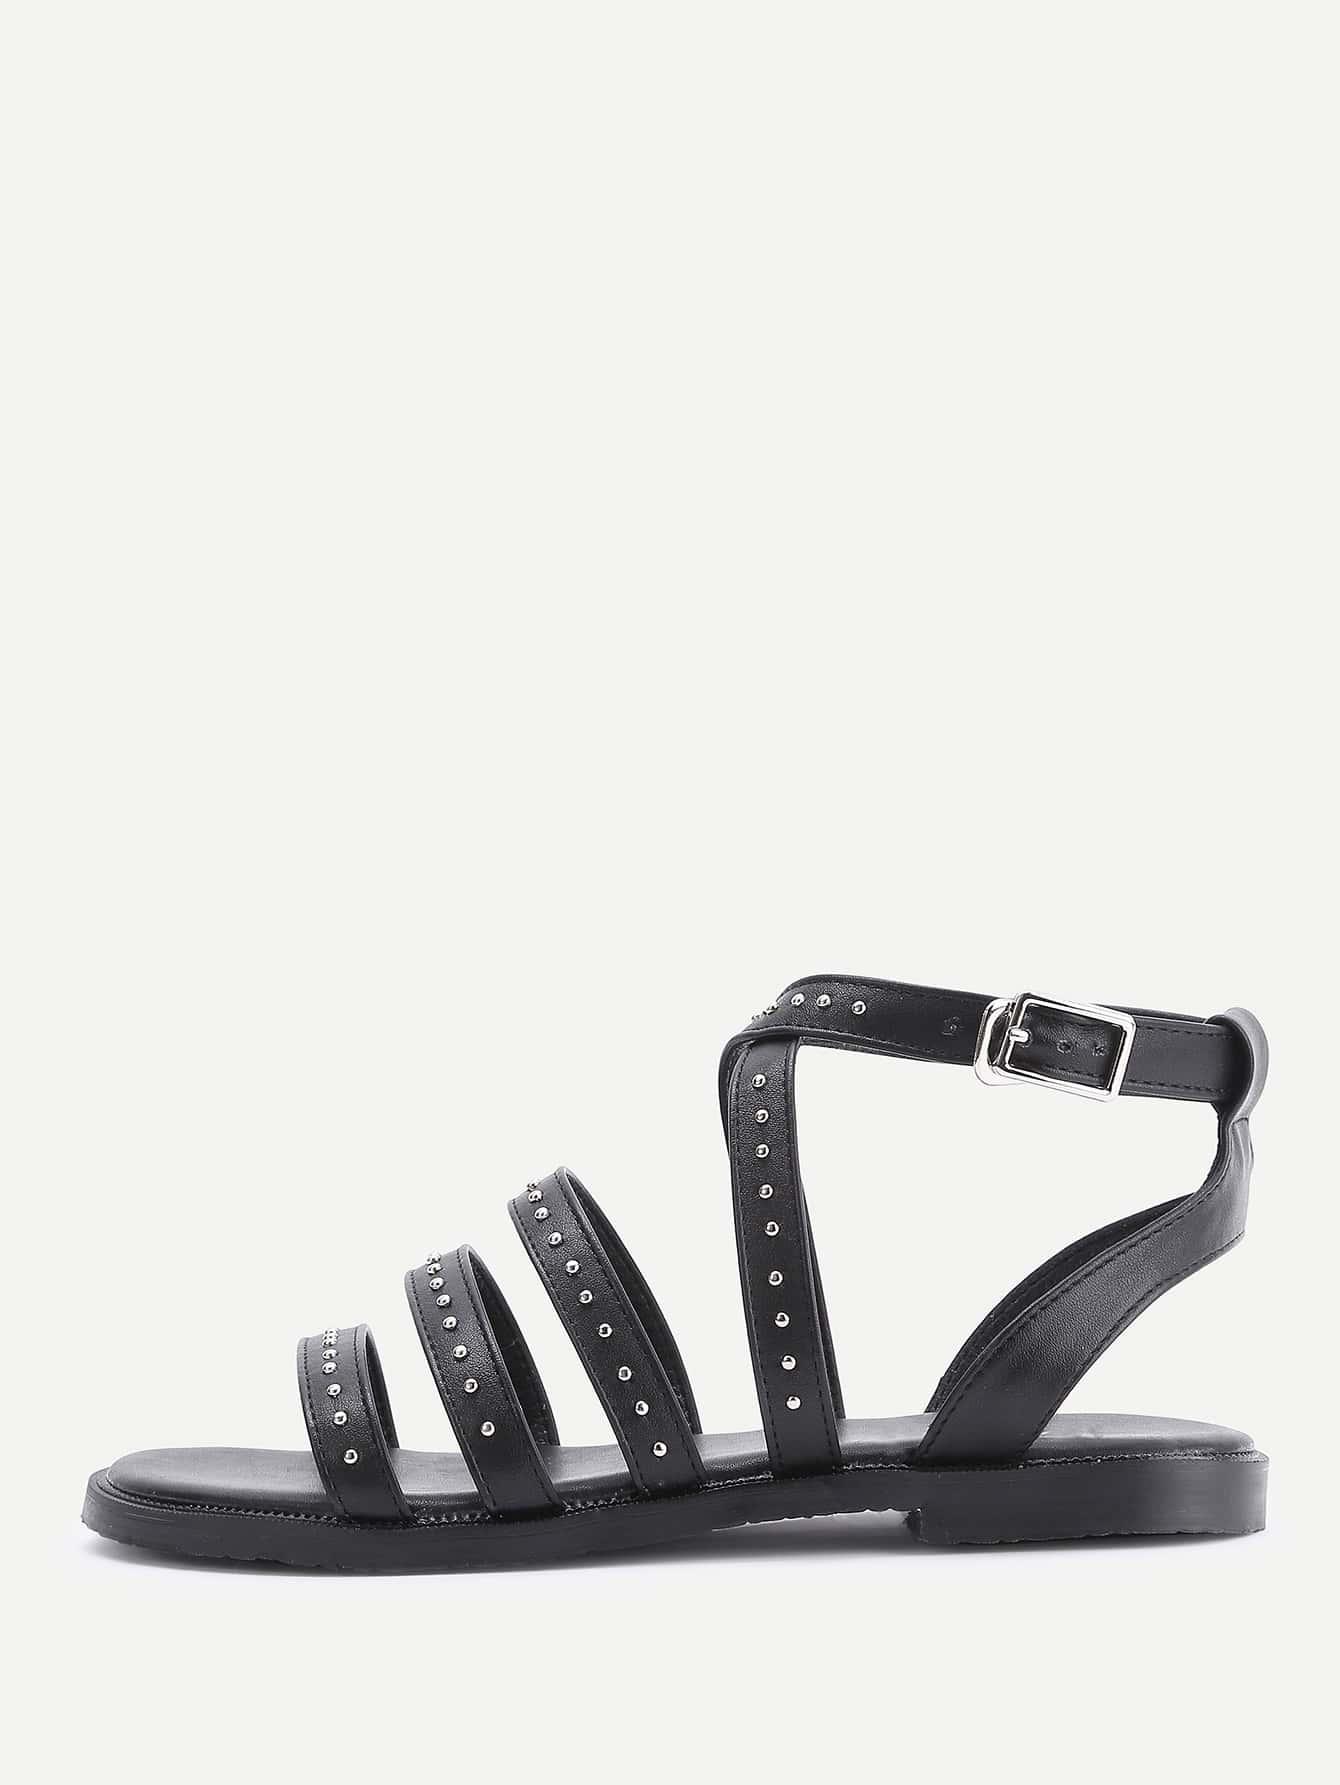 shoes170327812_2